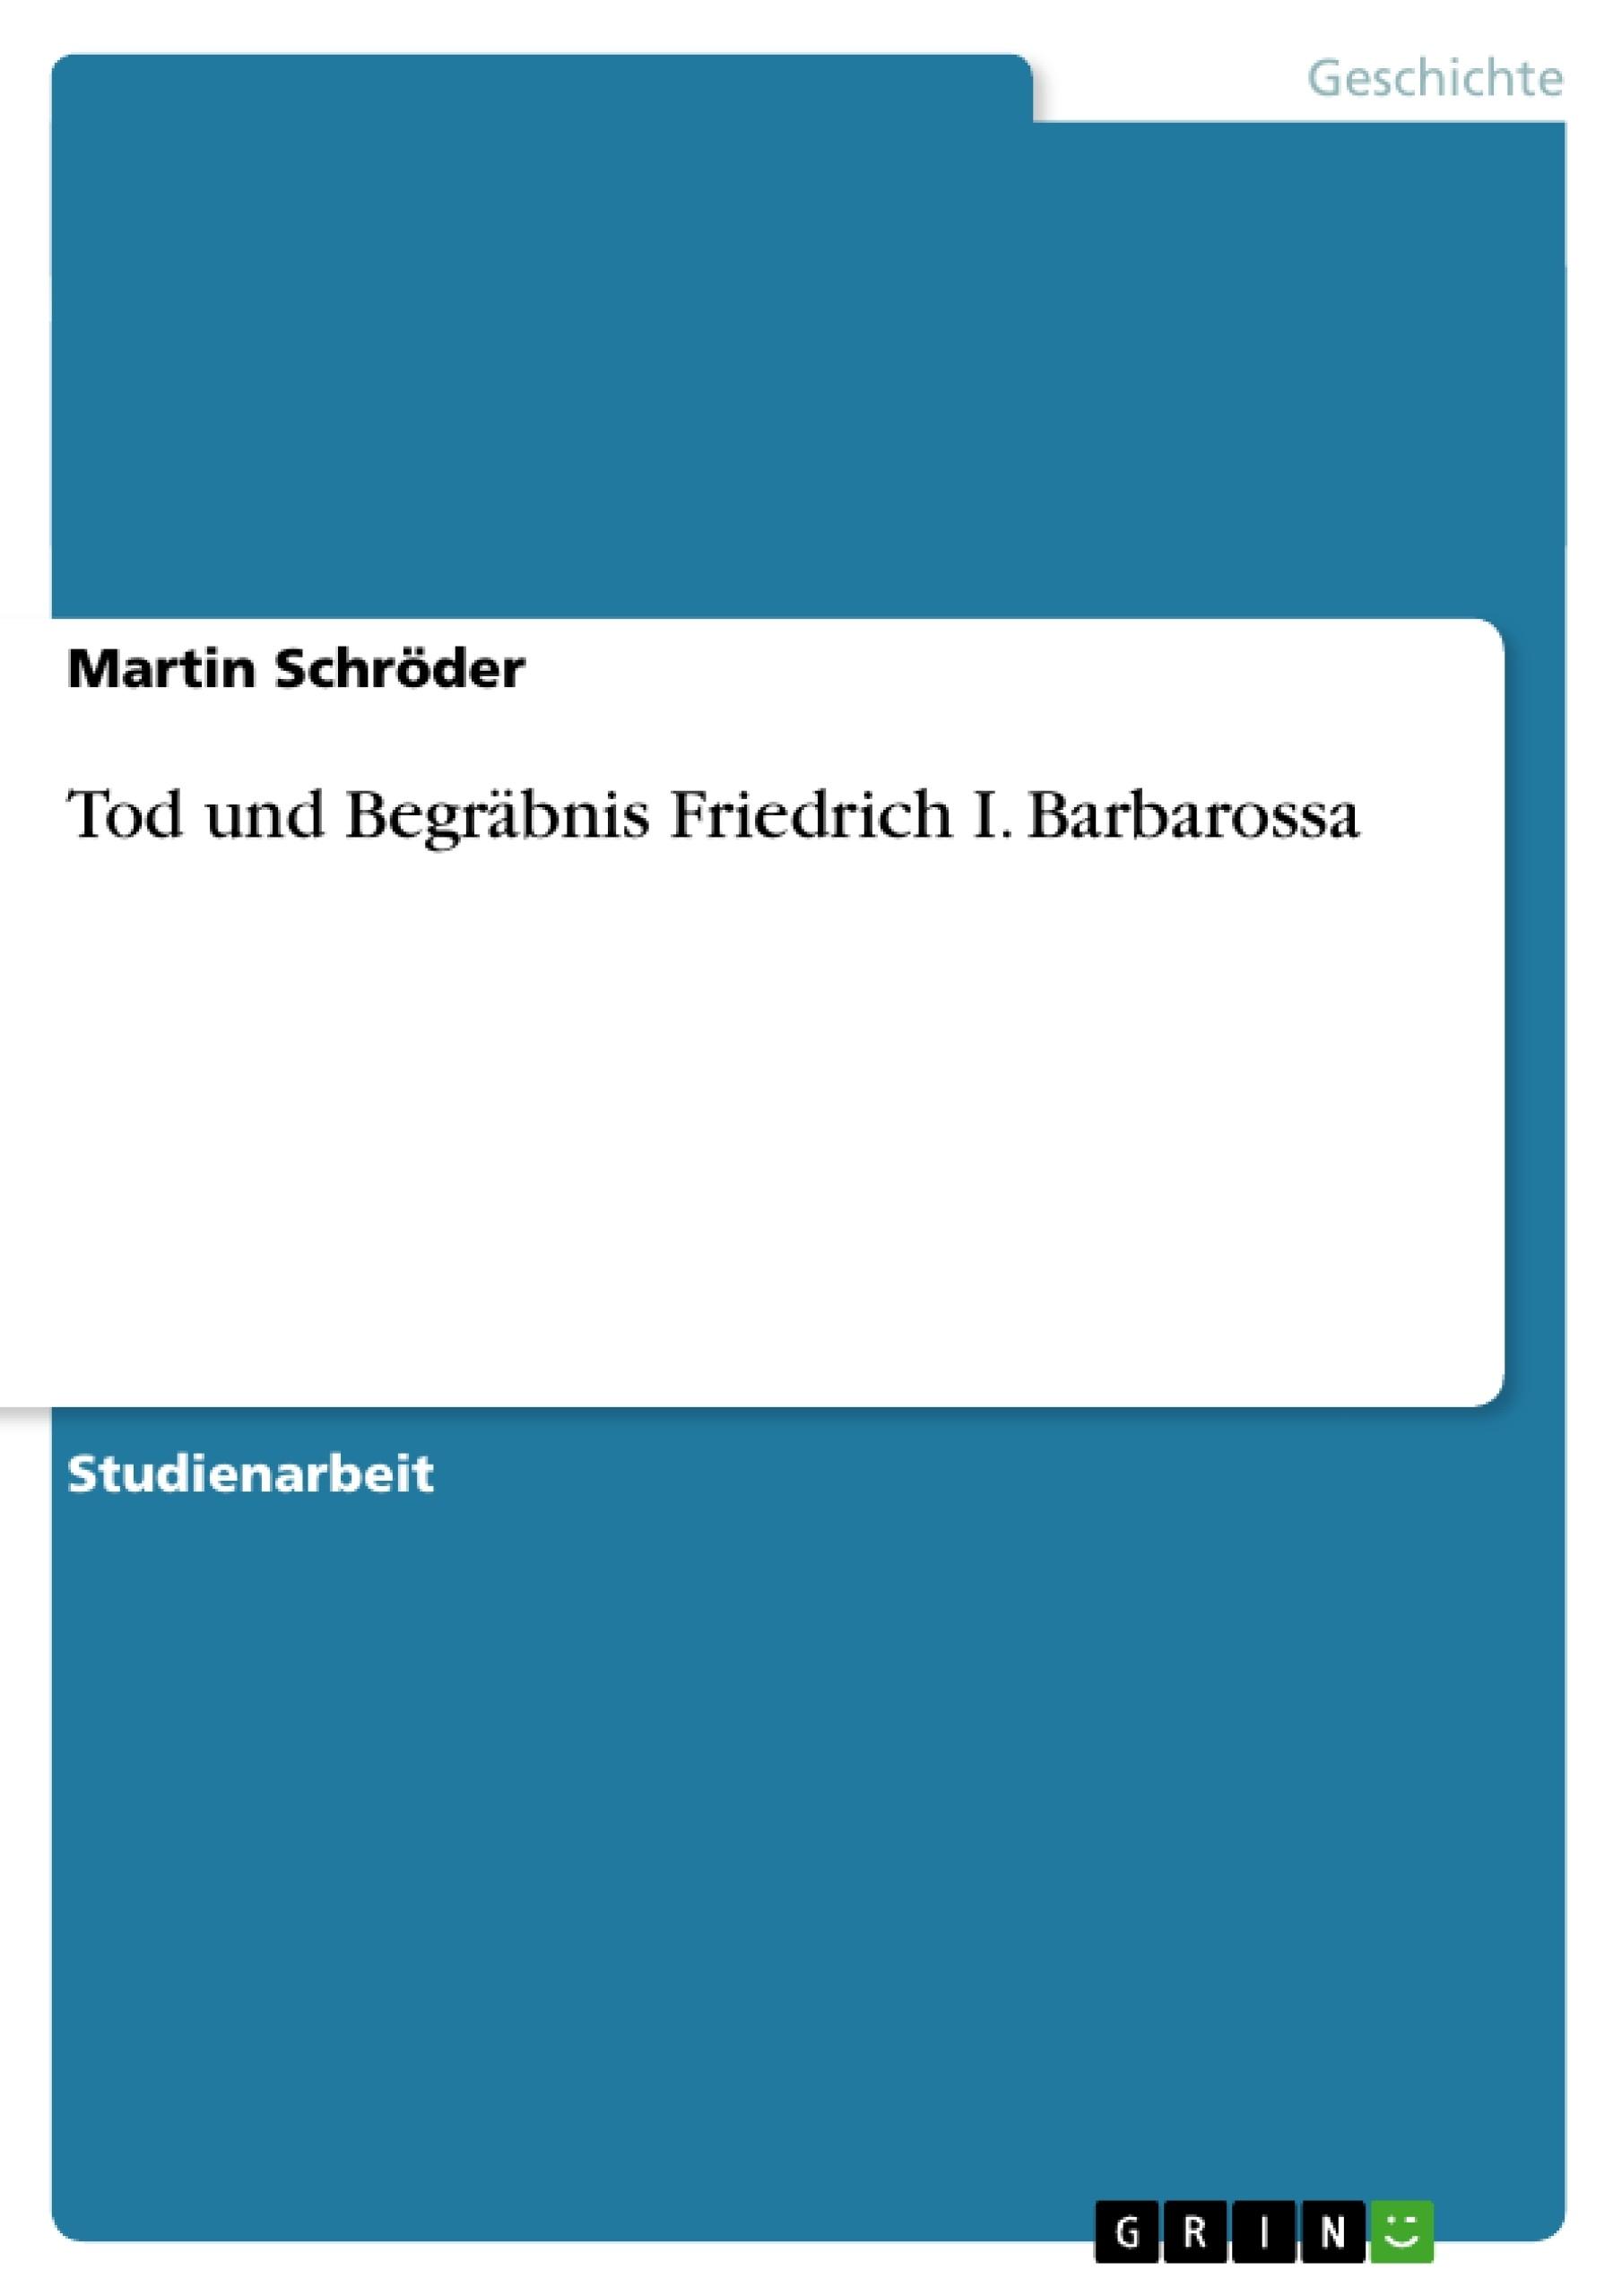 Titel: Tod und Begräbnis Friedrich I. Barbarossa